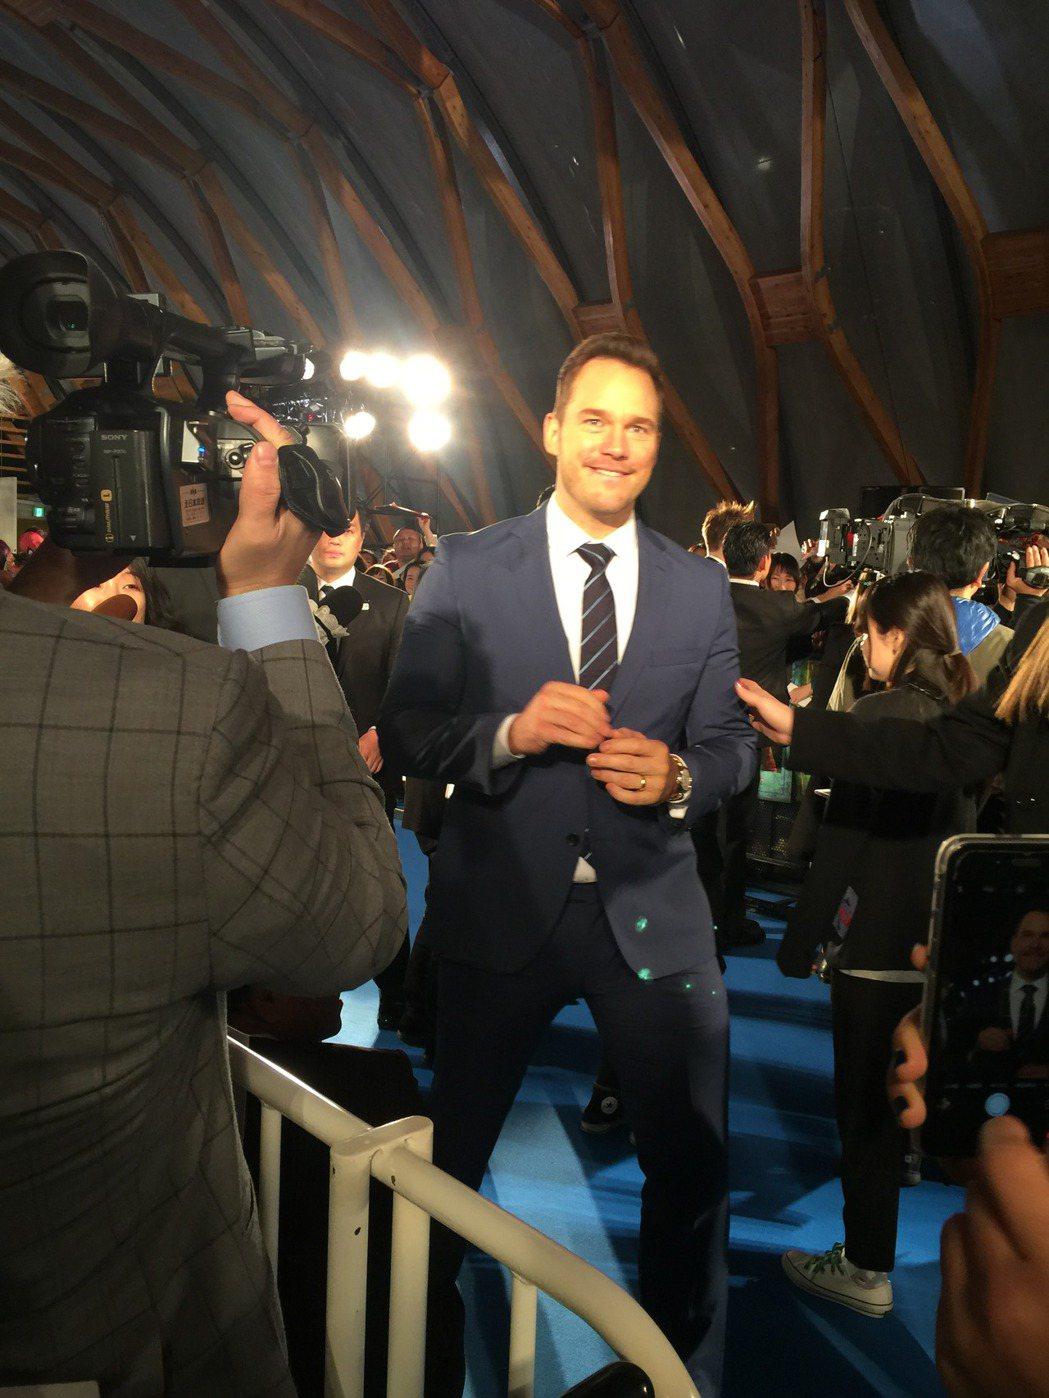 克里斯普萊特出席「星際異攻隊2」東京首映會。圖/迪士尼提供